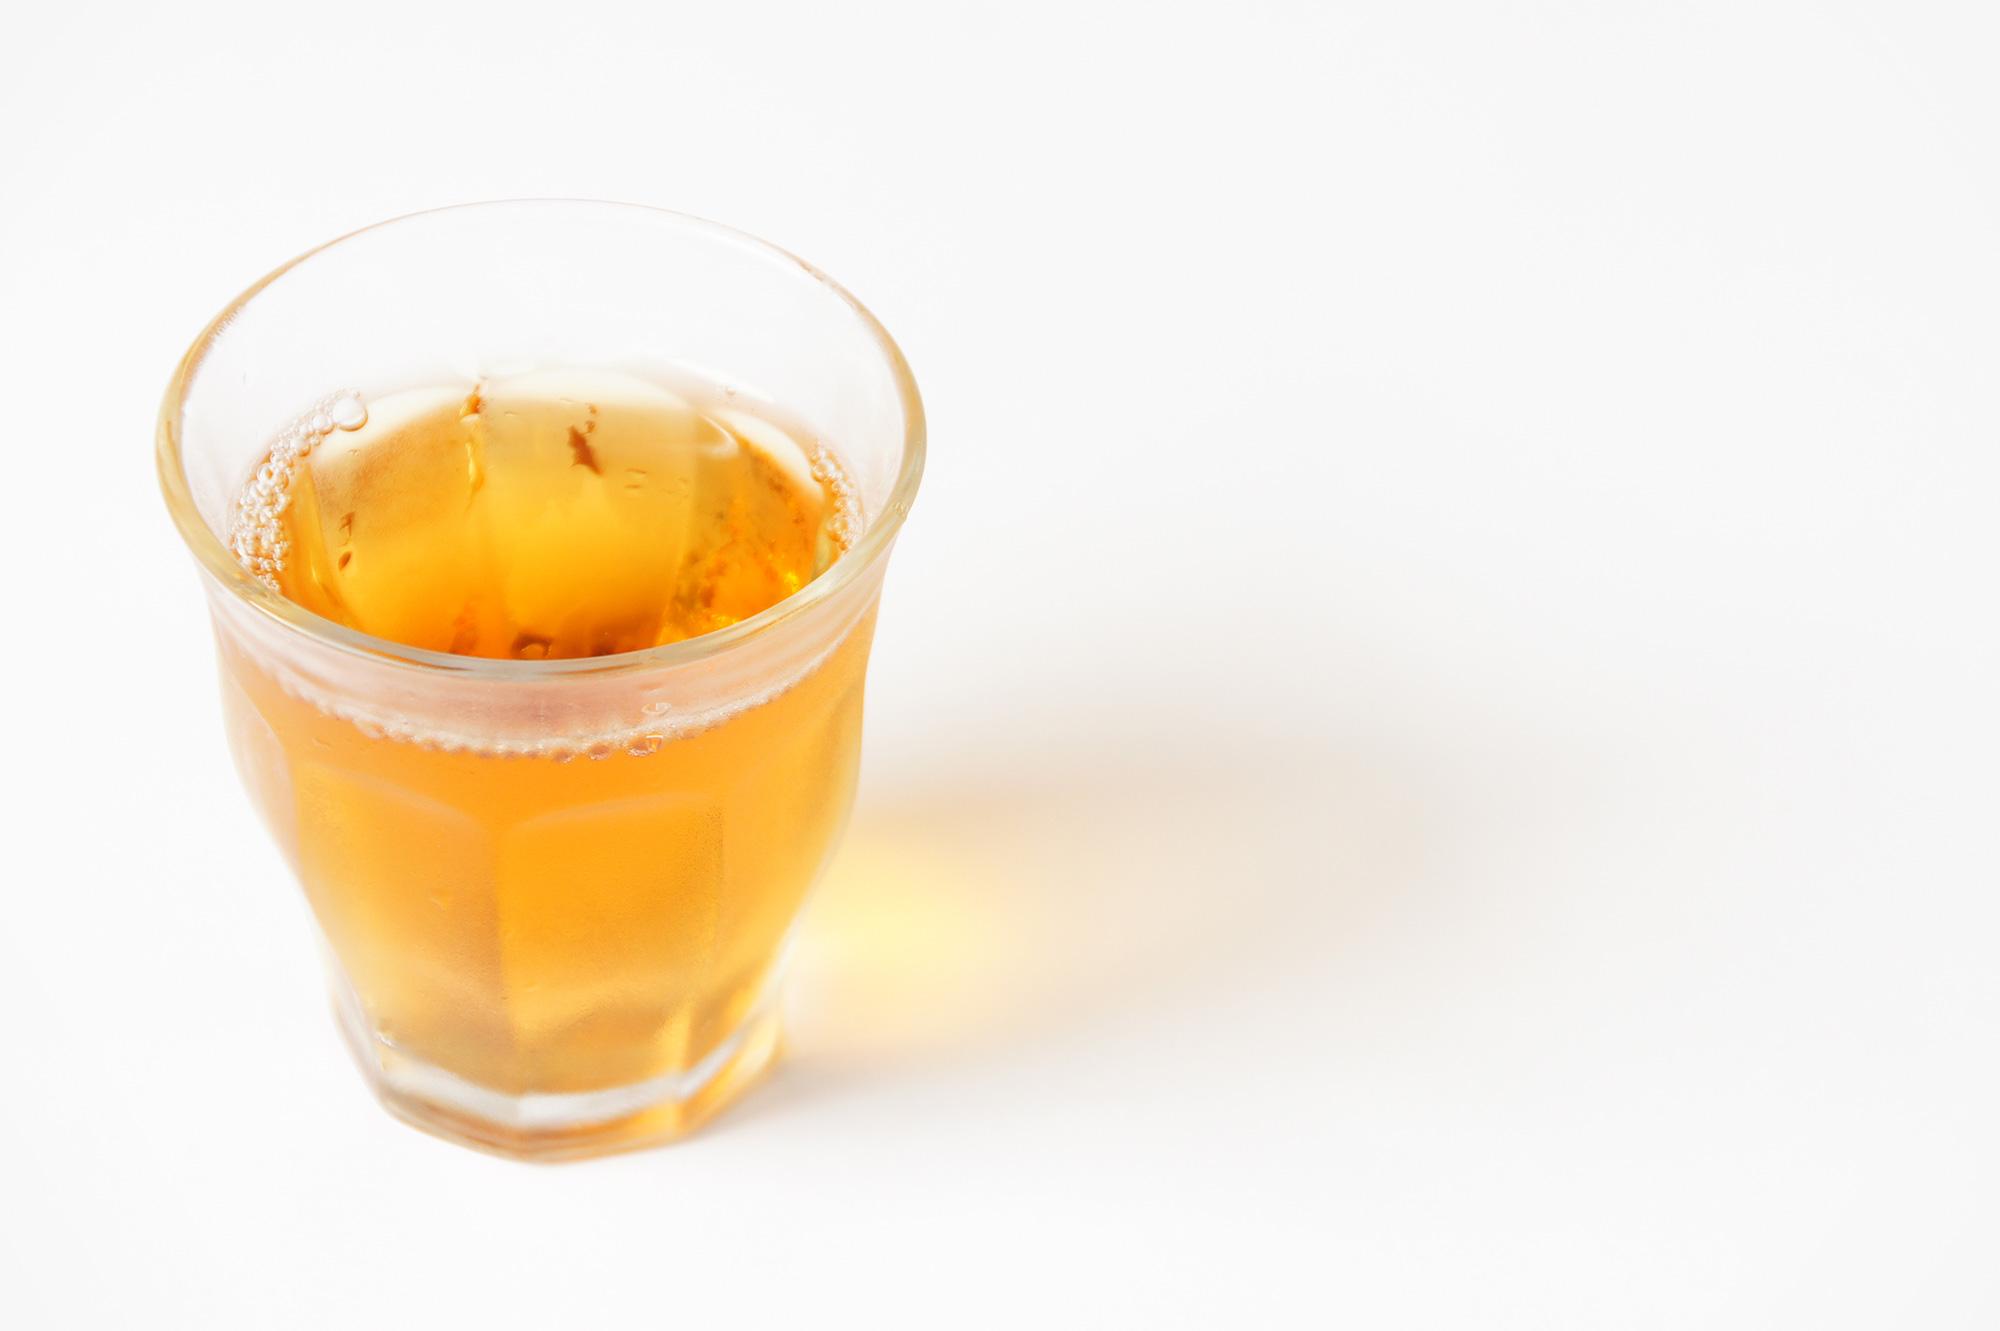 ウーロン茶のフリー写真素材